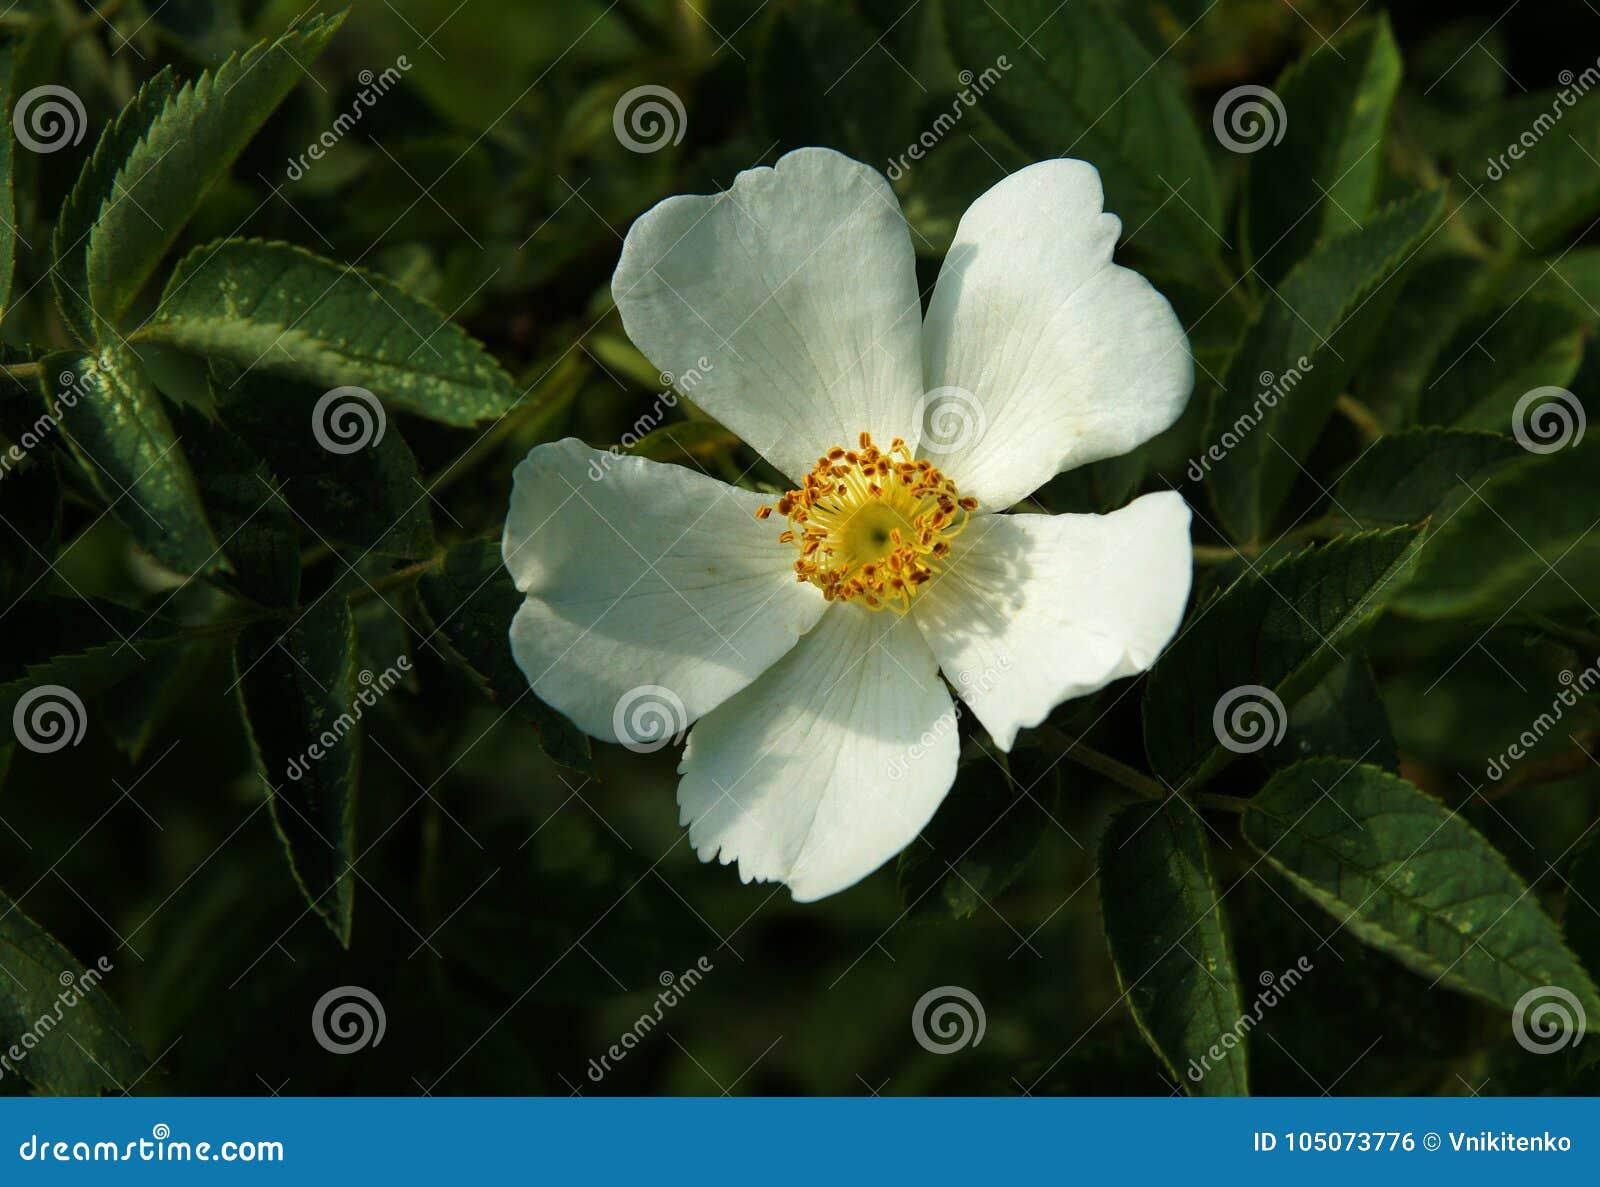 White Flowers Of Dog Rose Stock Photo Image Of Canina 105073776